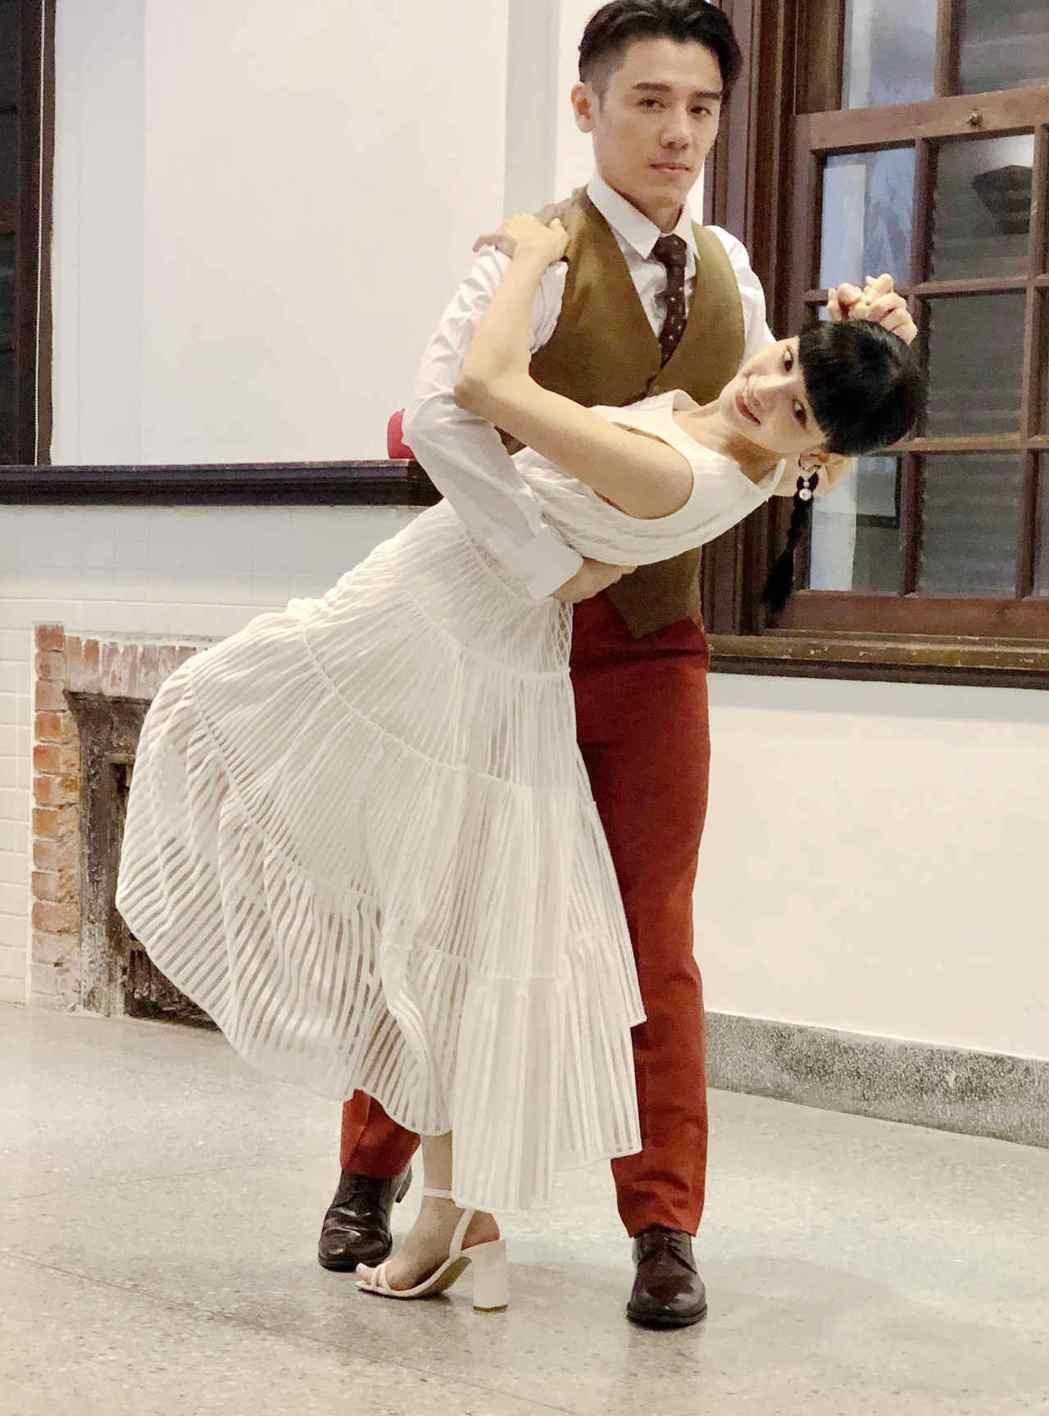 姚愛寗(左)、邱志宇(右)在首映記者會上重現「戀愛好好說」的探戈舞蹈。圖/海鵬提...